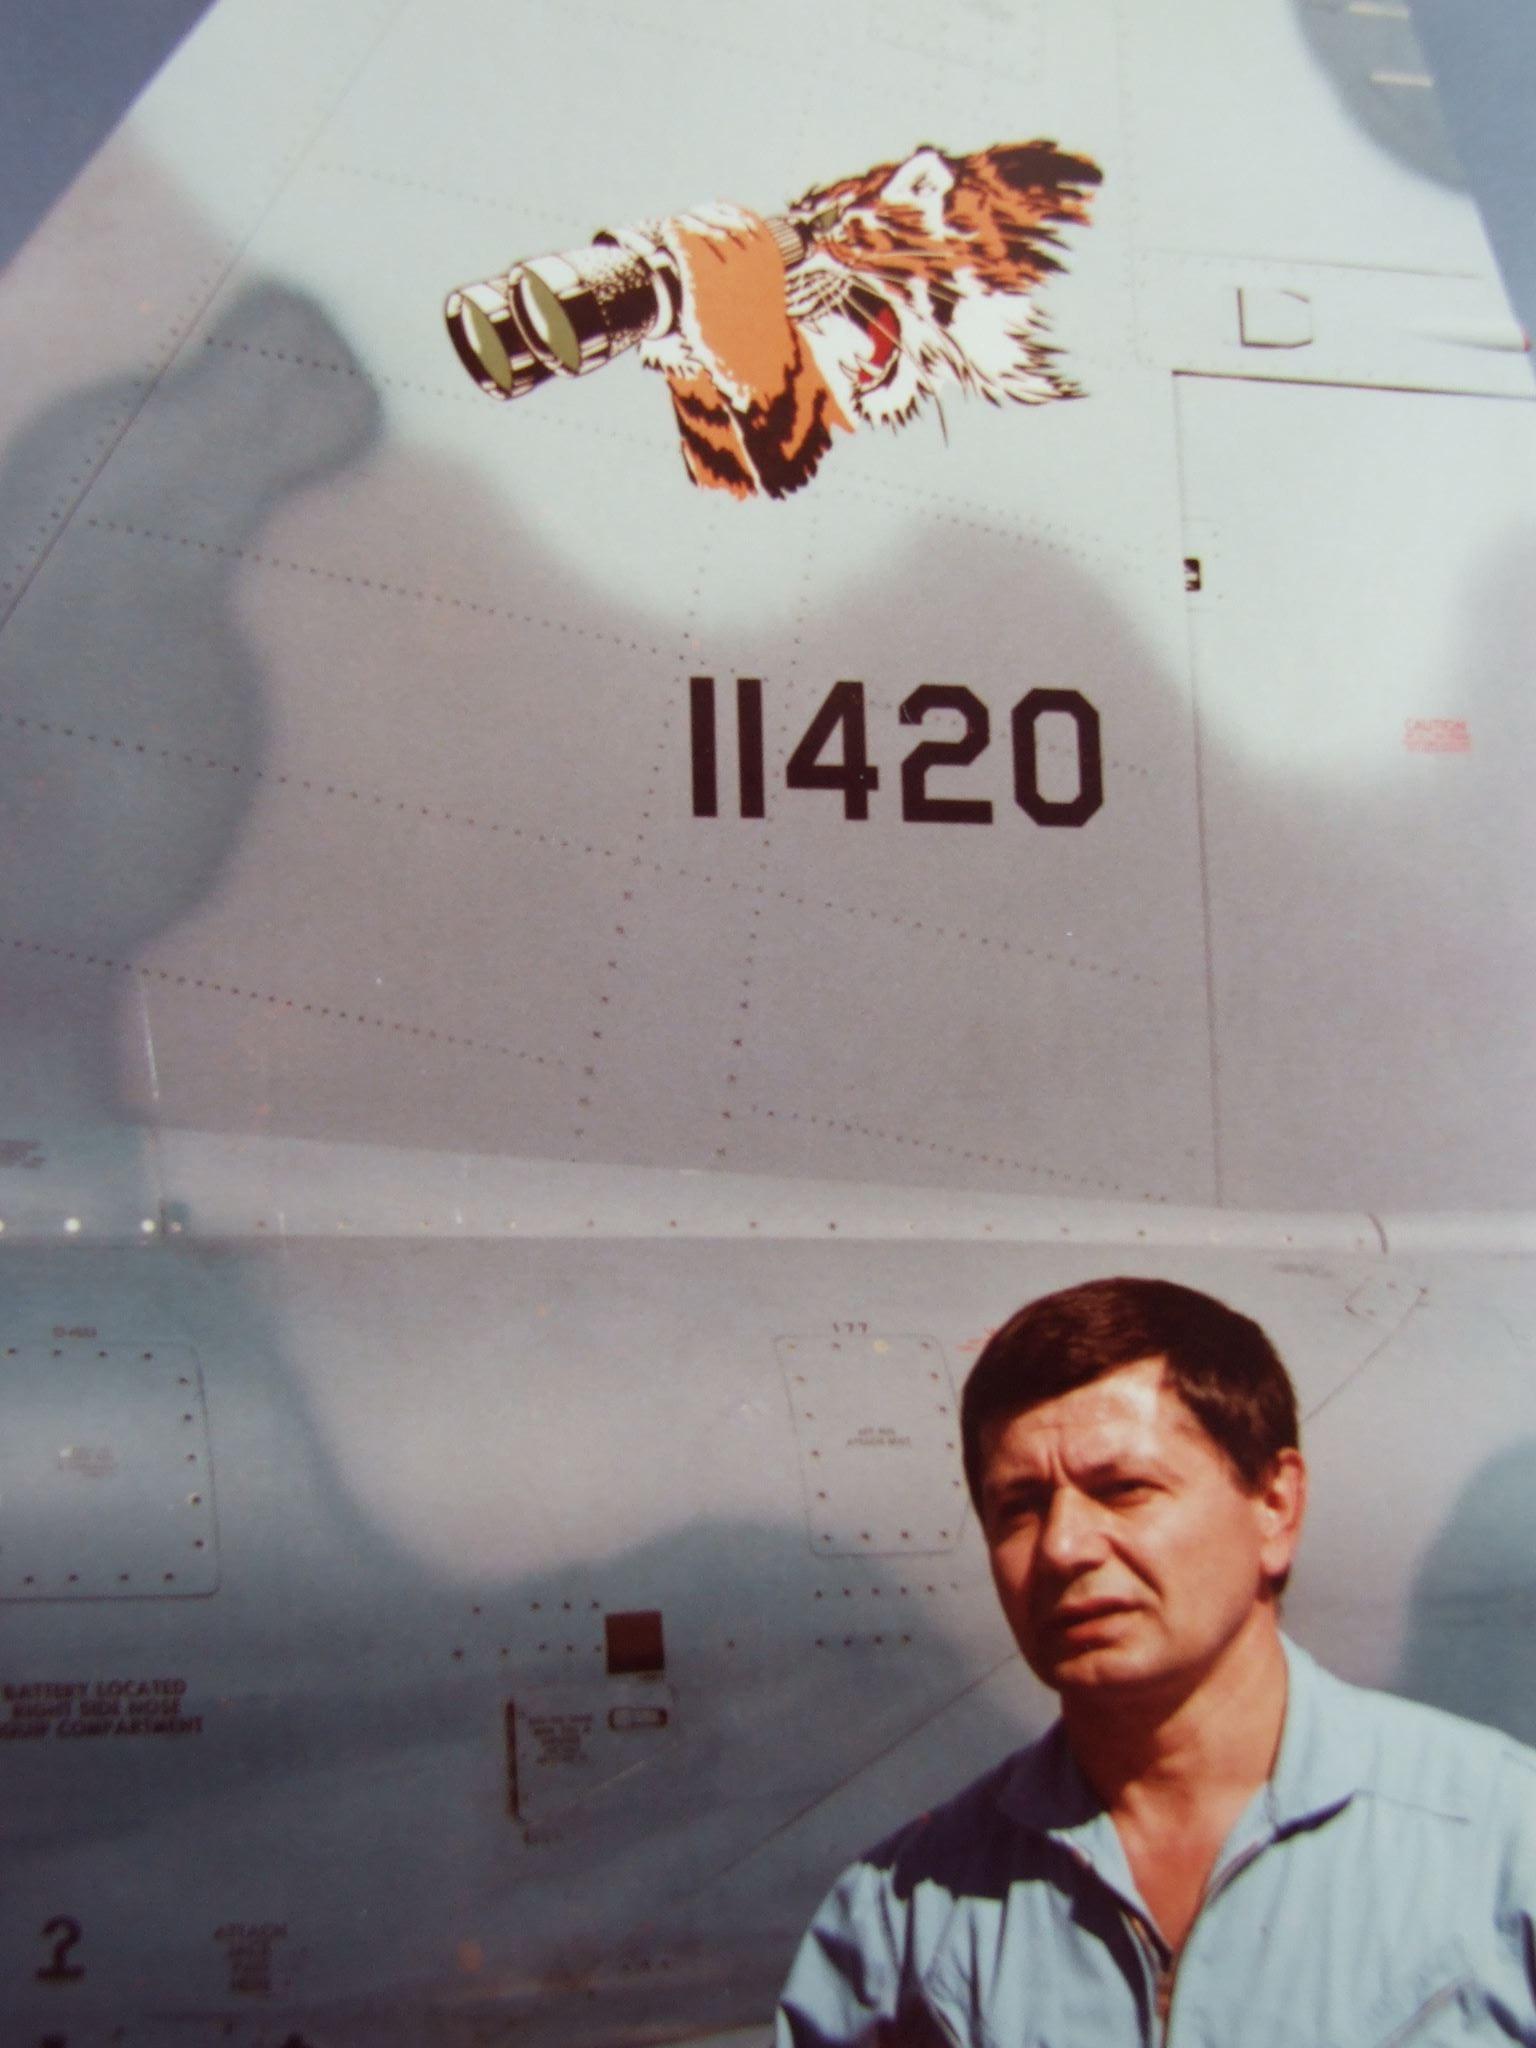 ISPITIVANJE PROTOTIPA AVIONA RF–5E U SAD 1980. GODINE 00d7f86b8a6a28129a9fbaf088660a19cbe4bdf1